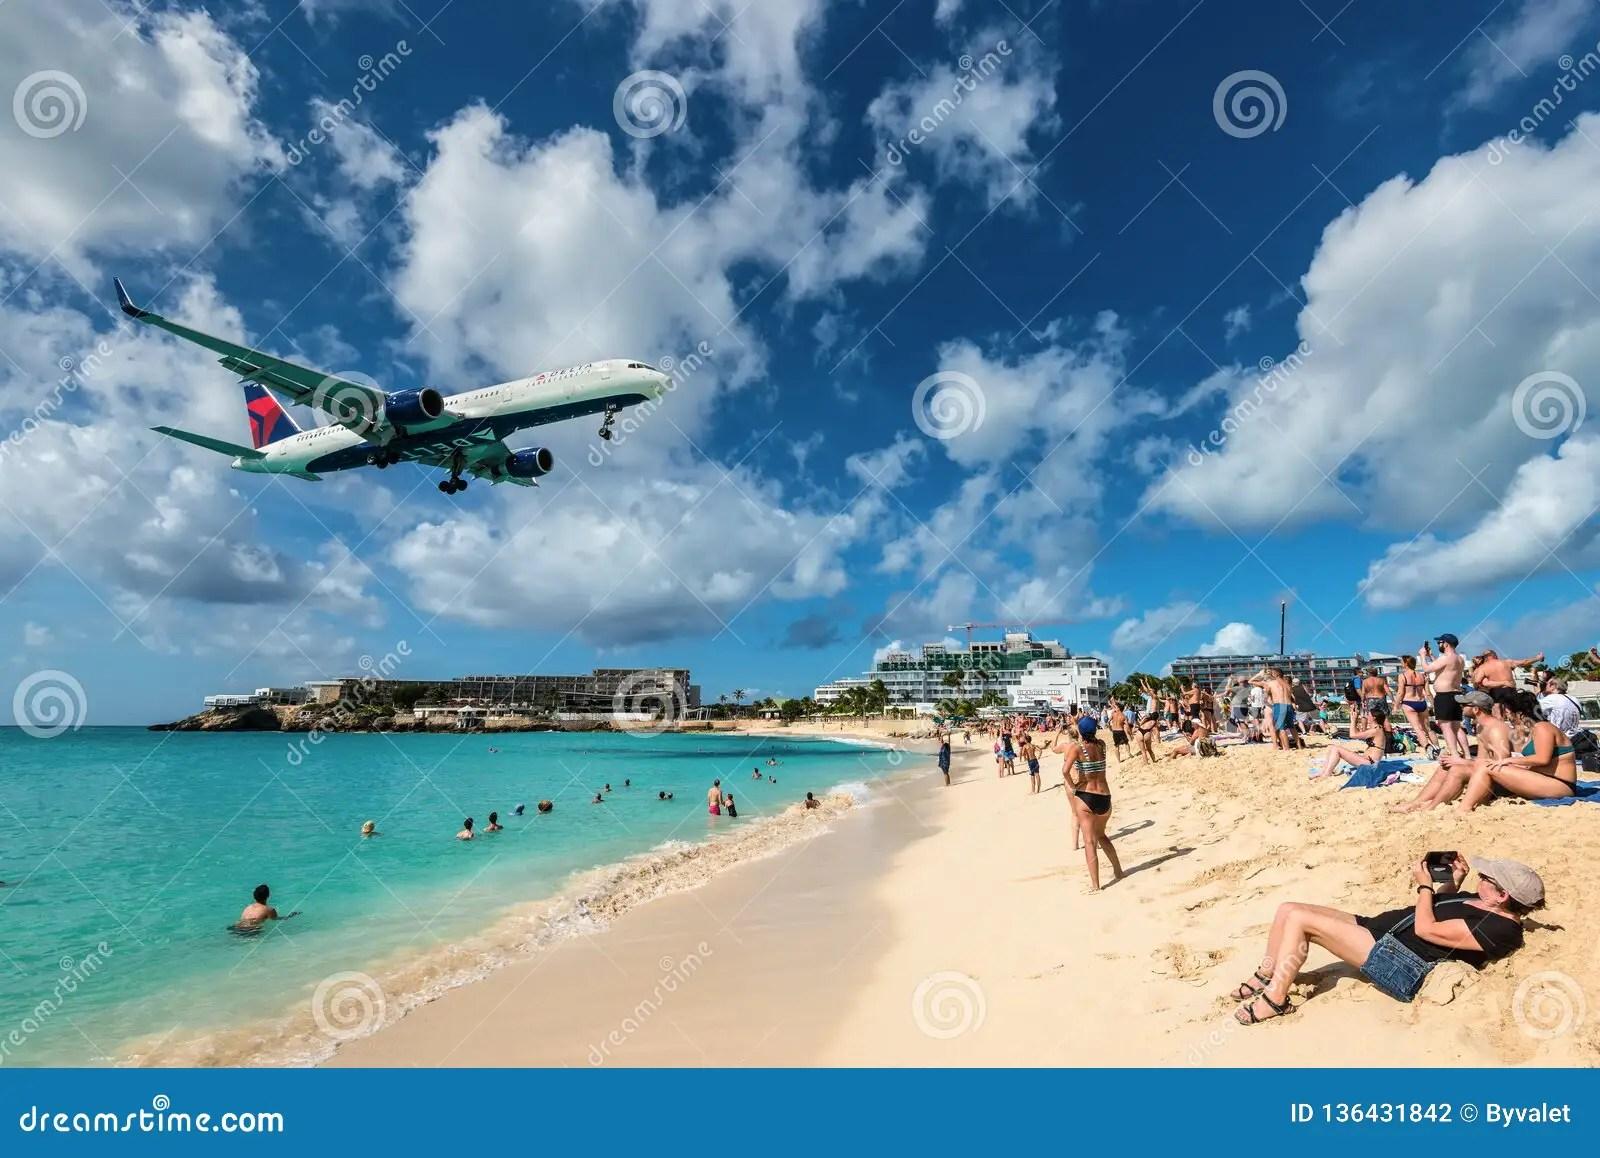 maho beach in st